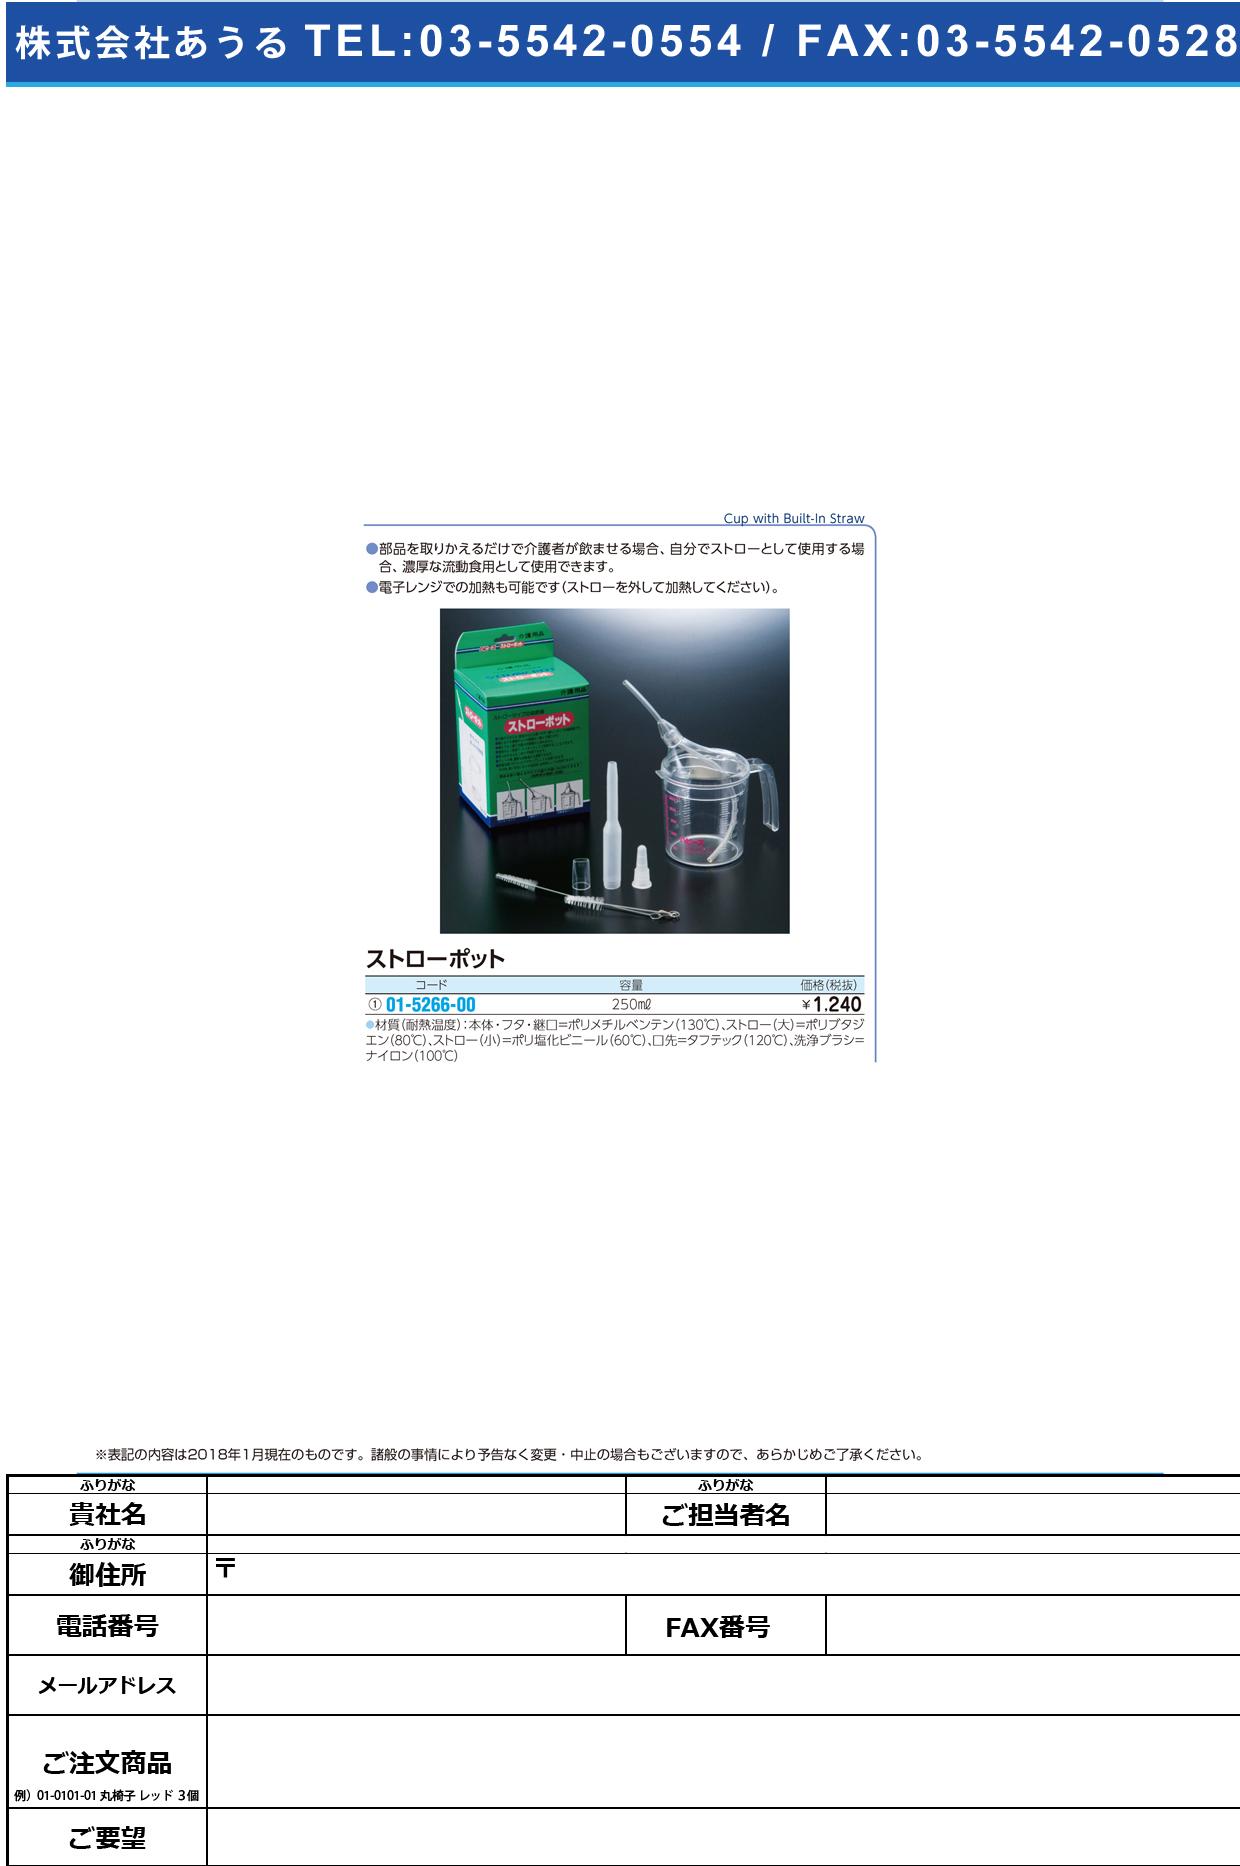 (01-5266-00)ハピーズストローポット 250CC(ハコイリ) ハピーズストローポット【1組単位】【2018年カタログ商品】